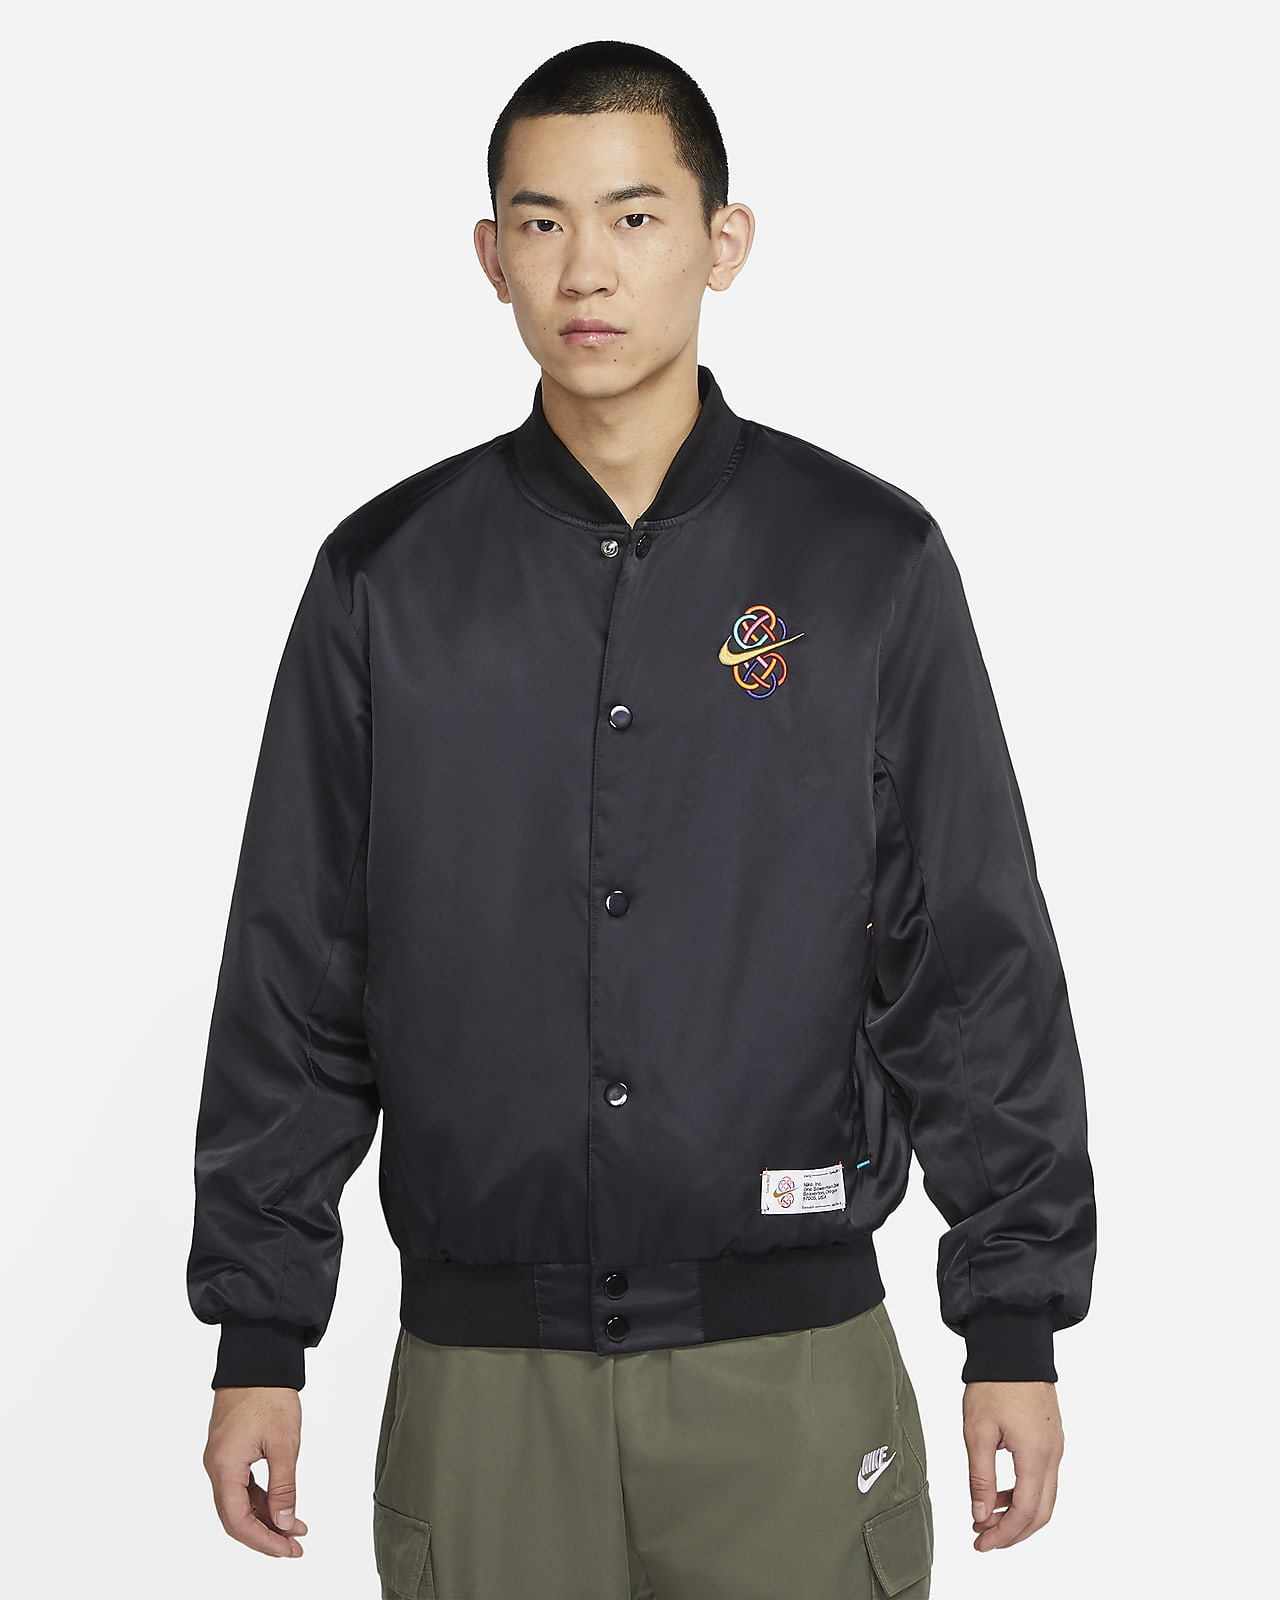 Nike Sportswear Varsity 男子梭织夹克